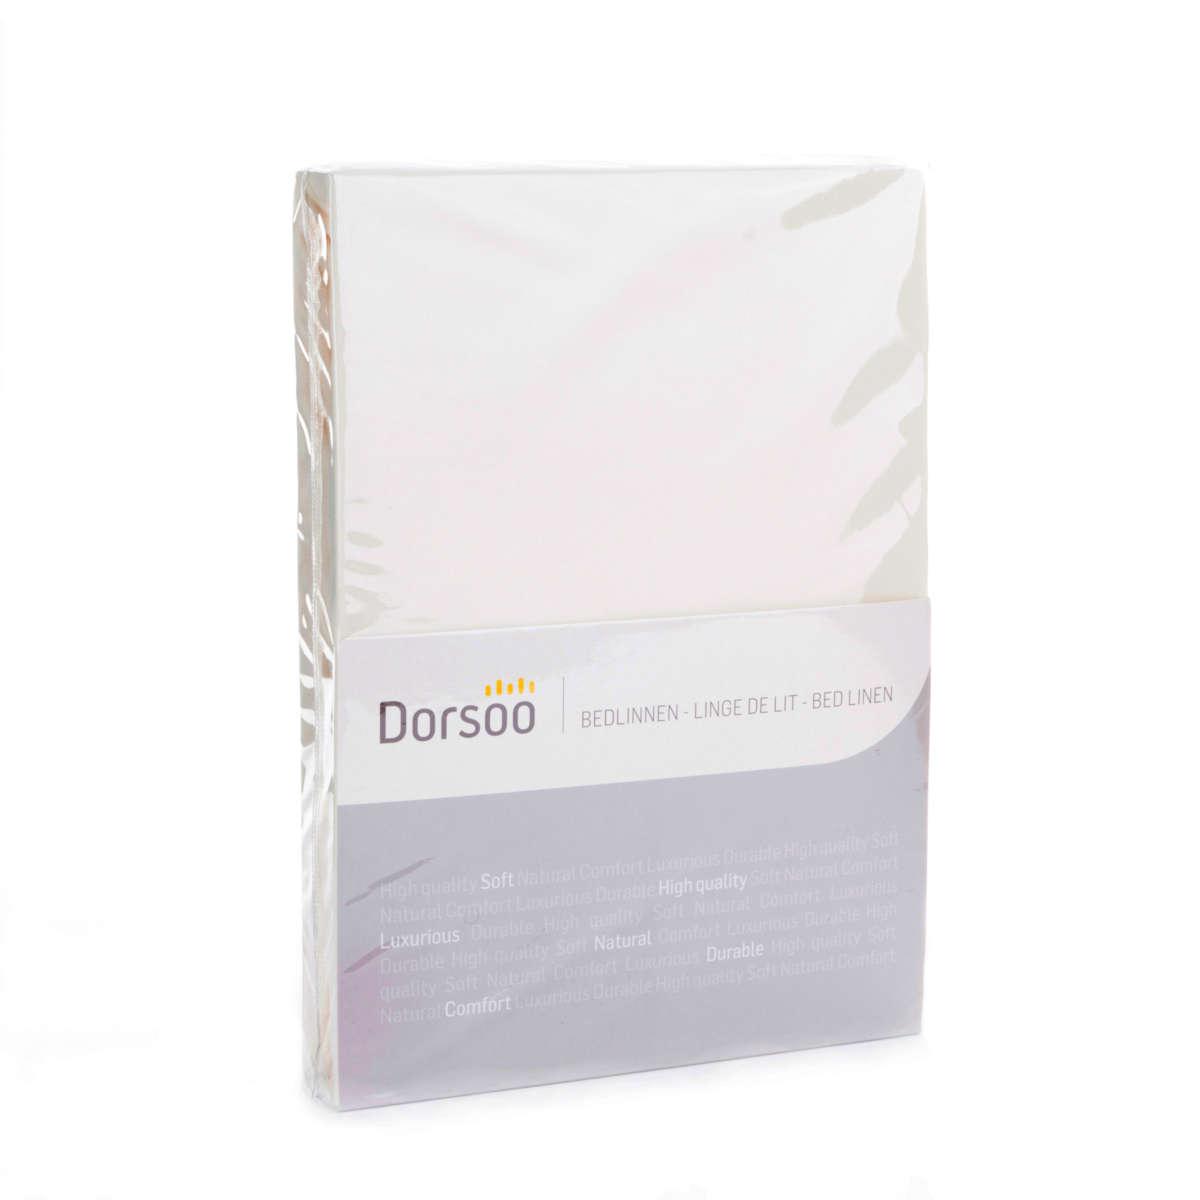 Dorsoo-hoeslaken-verpakking